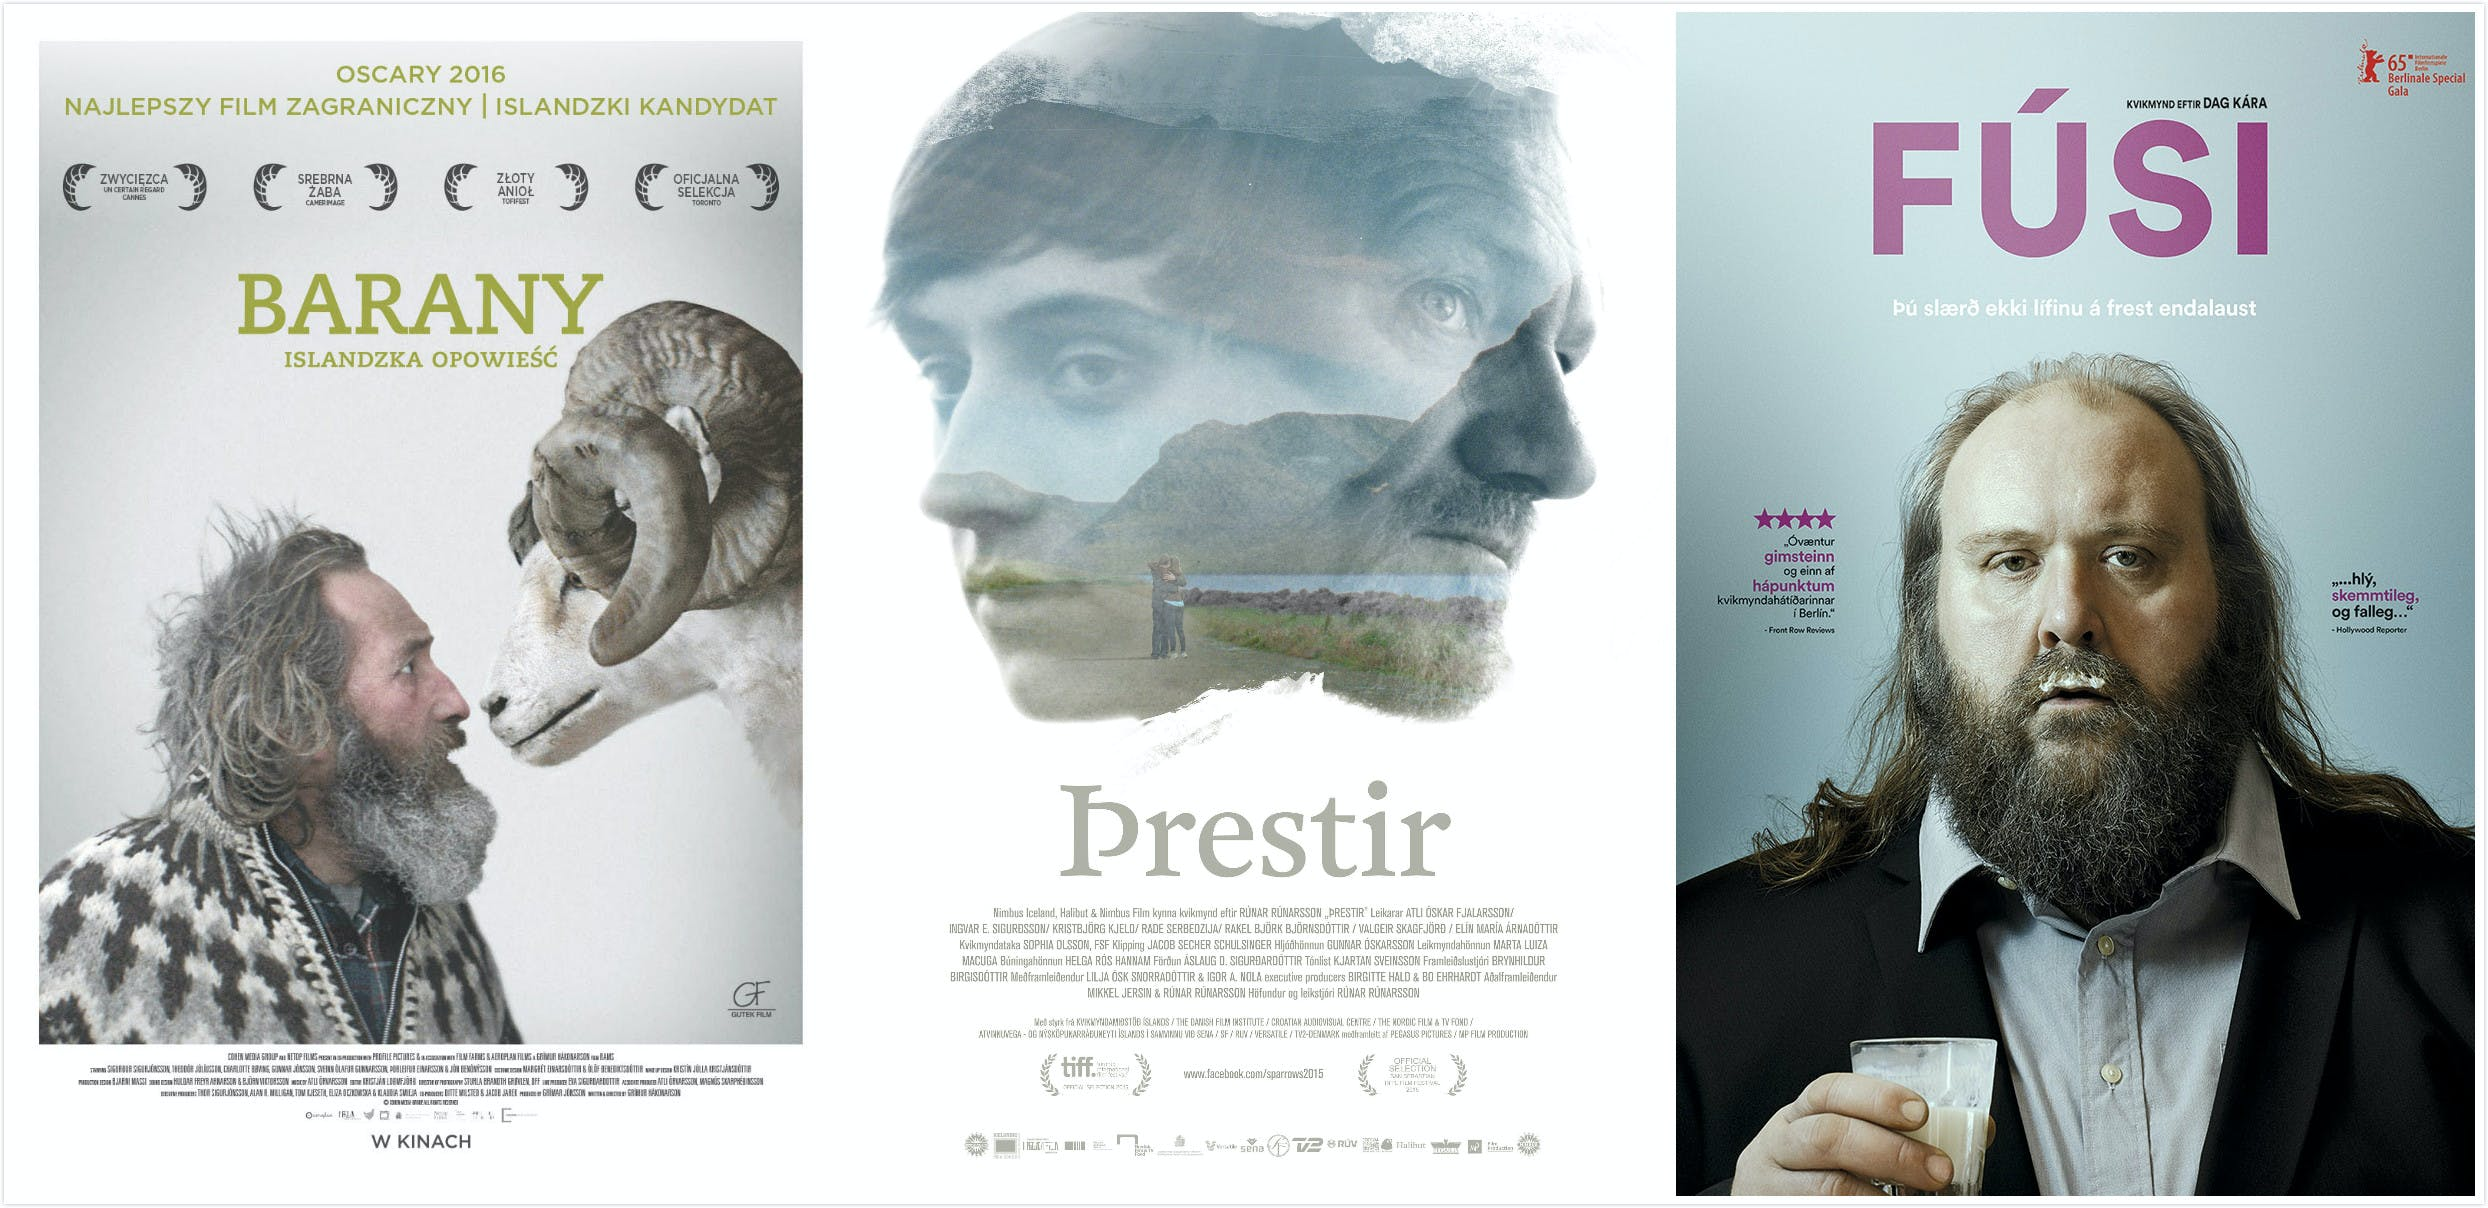 冰岛独立电影